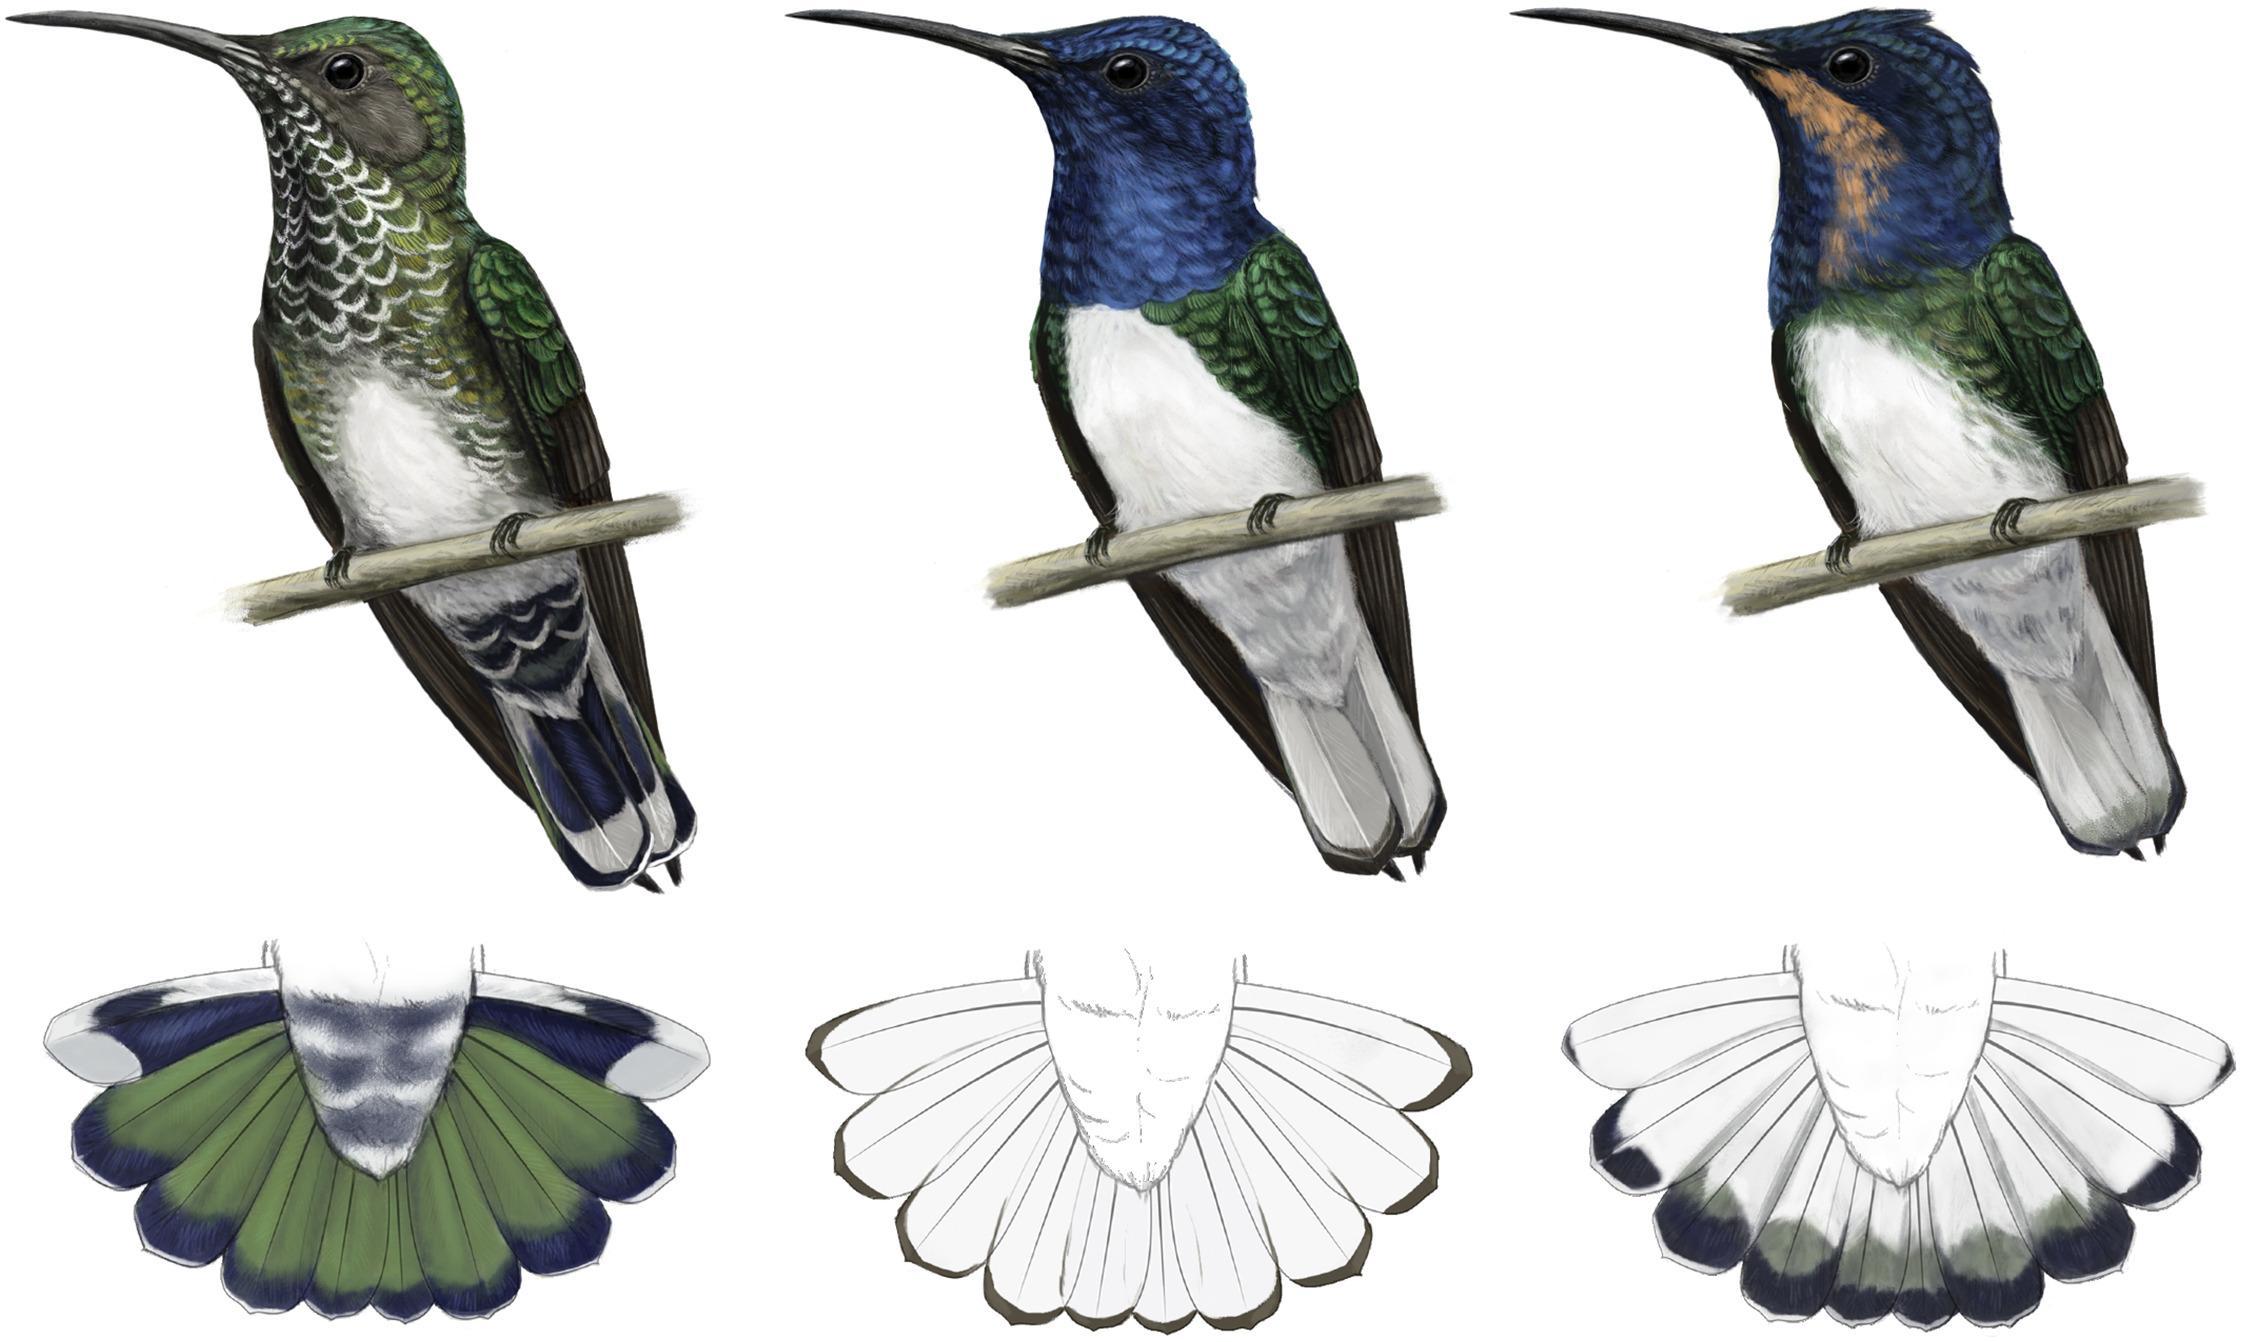 Самки колибри-якобинов притворились самцами и избежали конфликтов за пищу